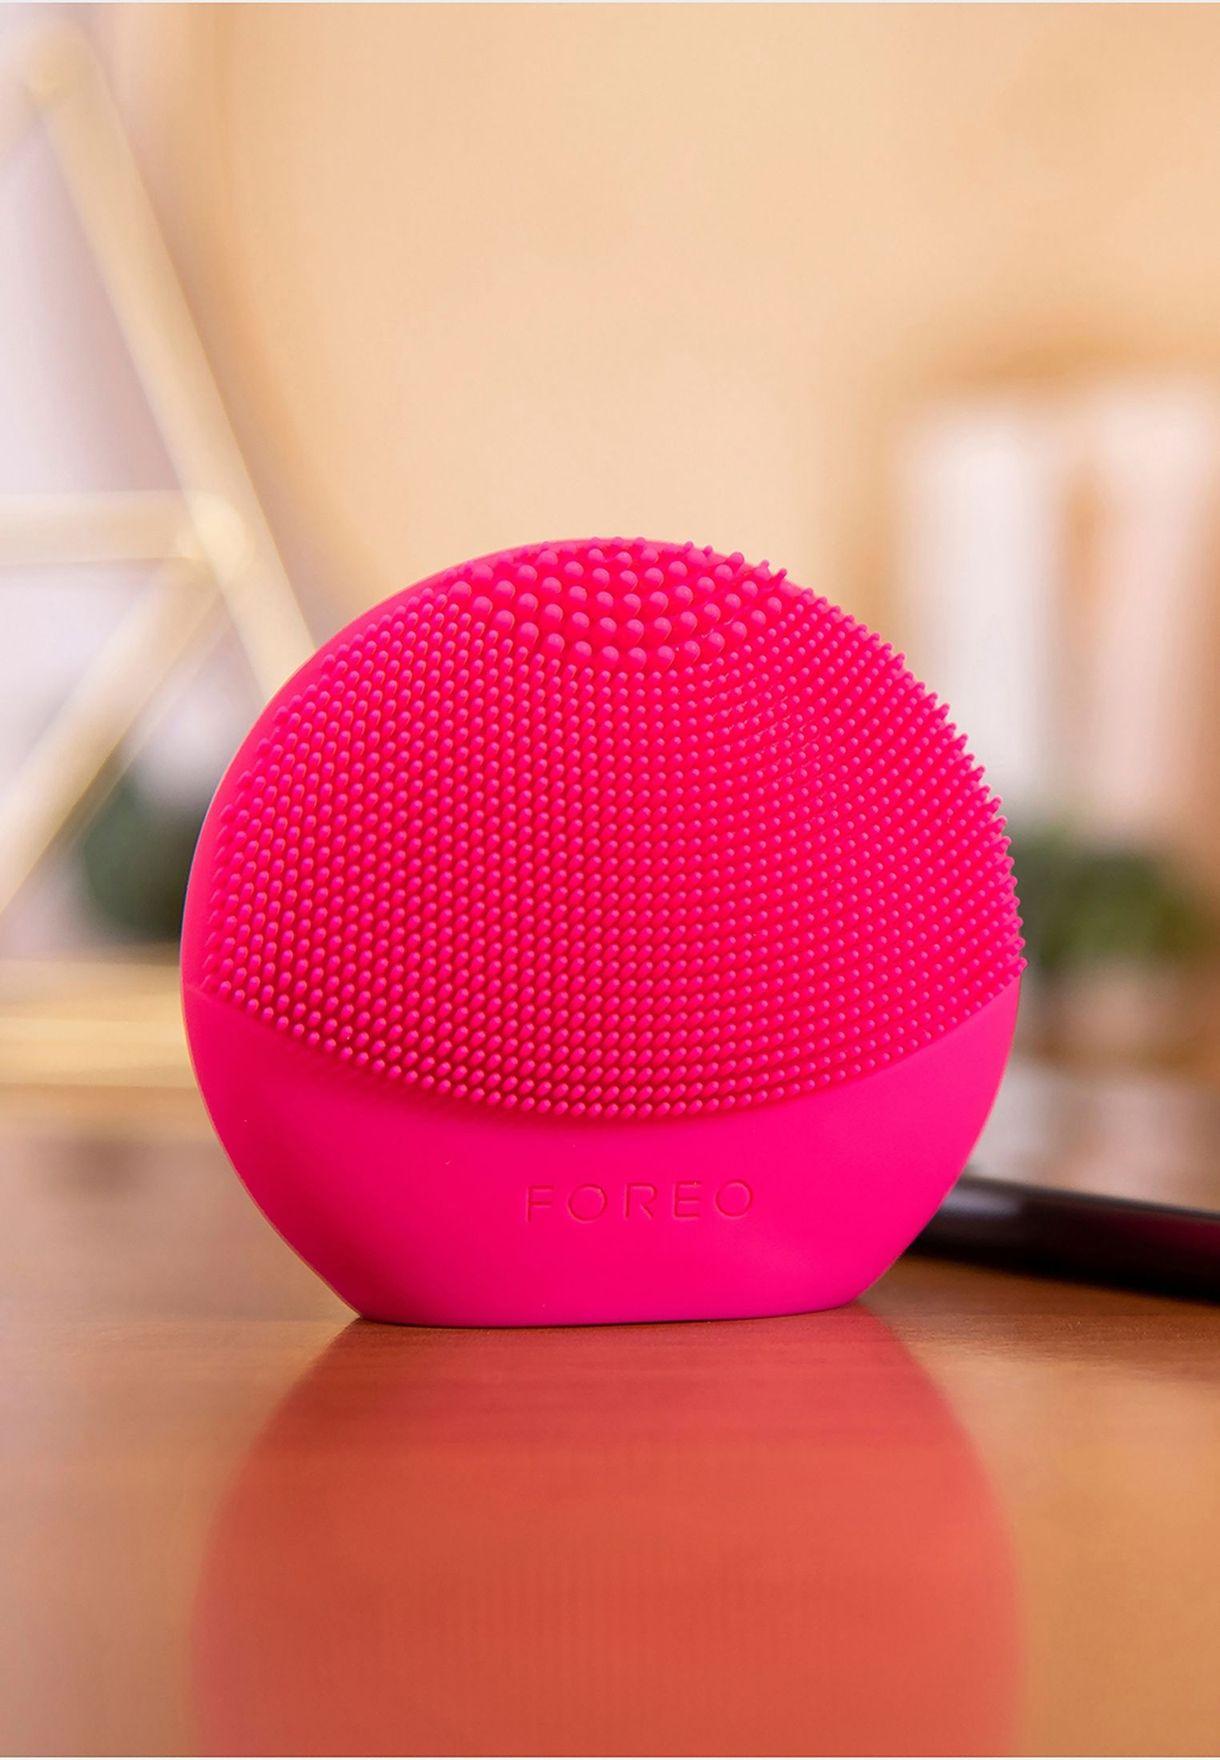 فرشاة لونا فوفو لتنظيف الوجه - فوشيا